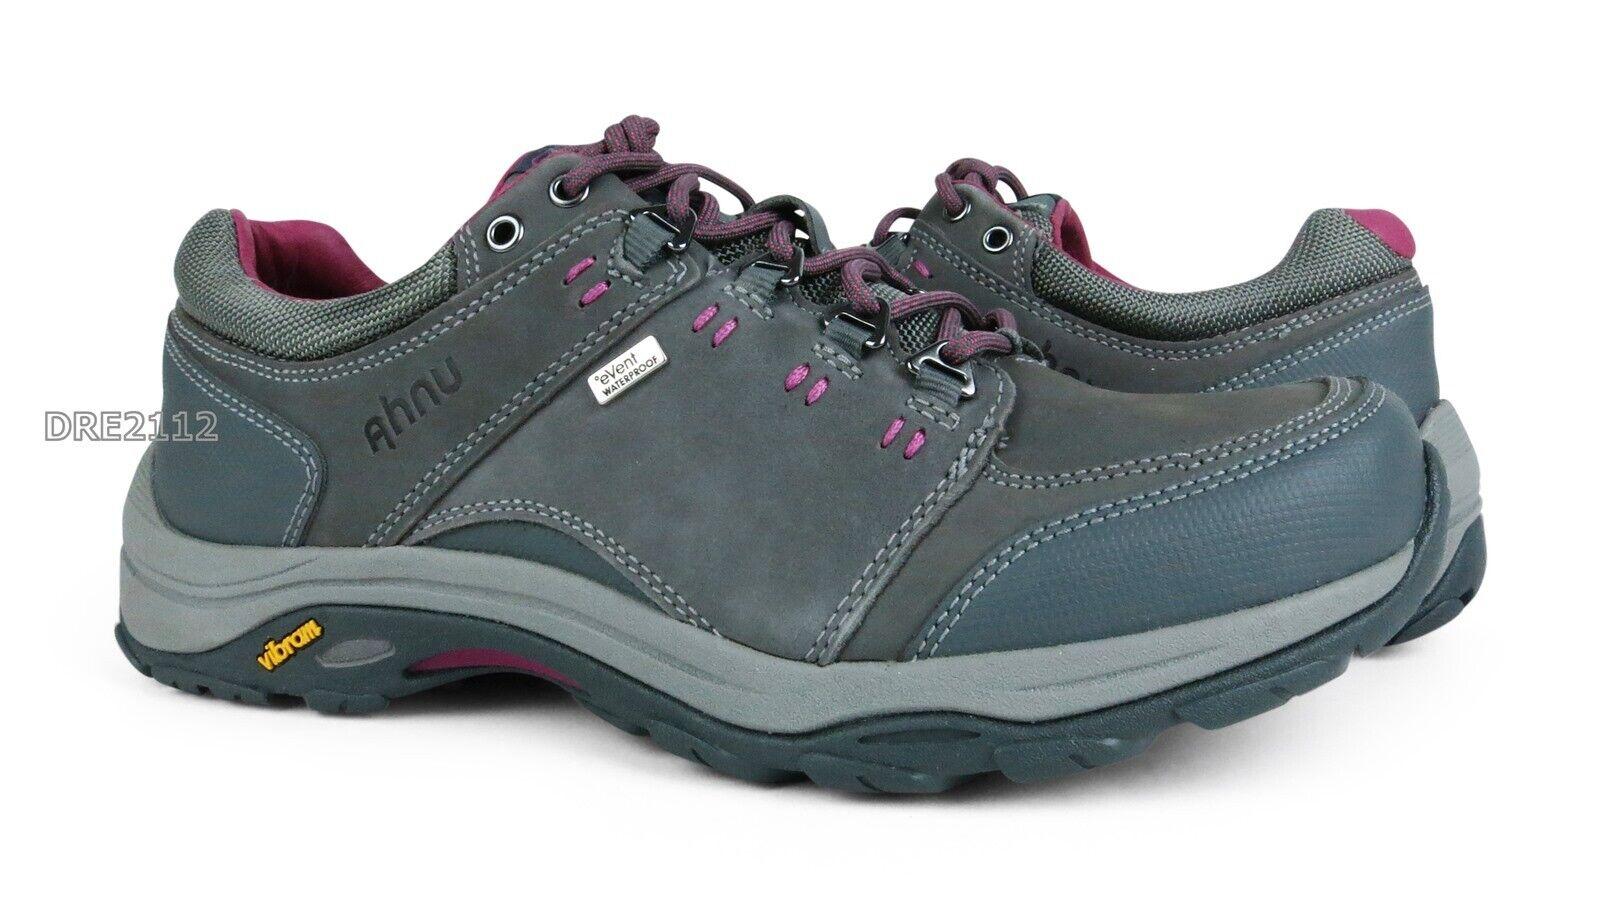 Ahnu Montara III Event Charcol grå läder skor kvinnor kvinnor kvinnor Storlek 9.5 NIB   äkta